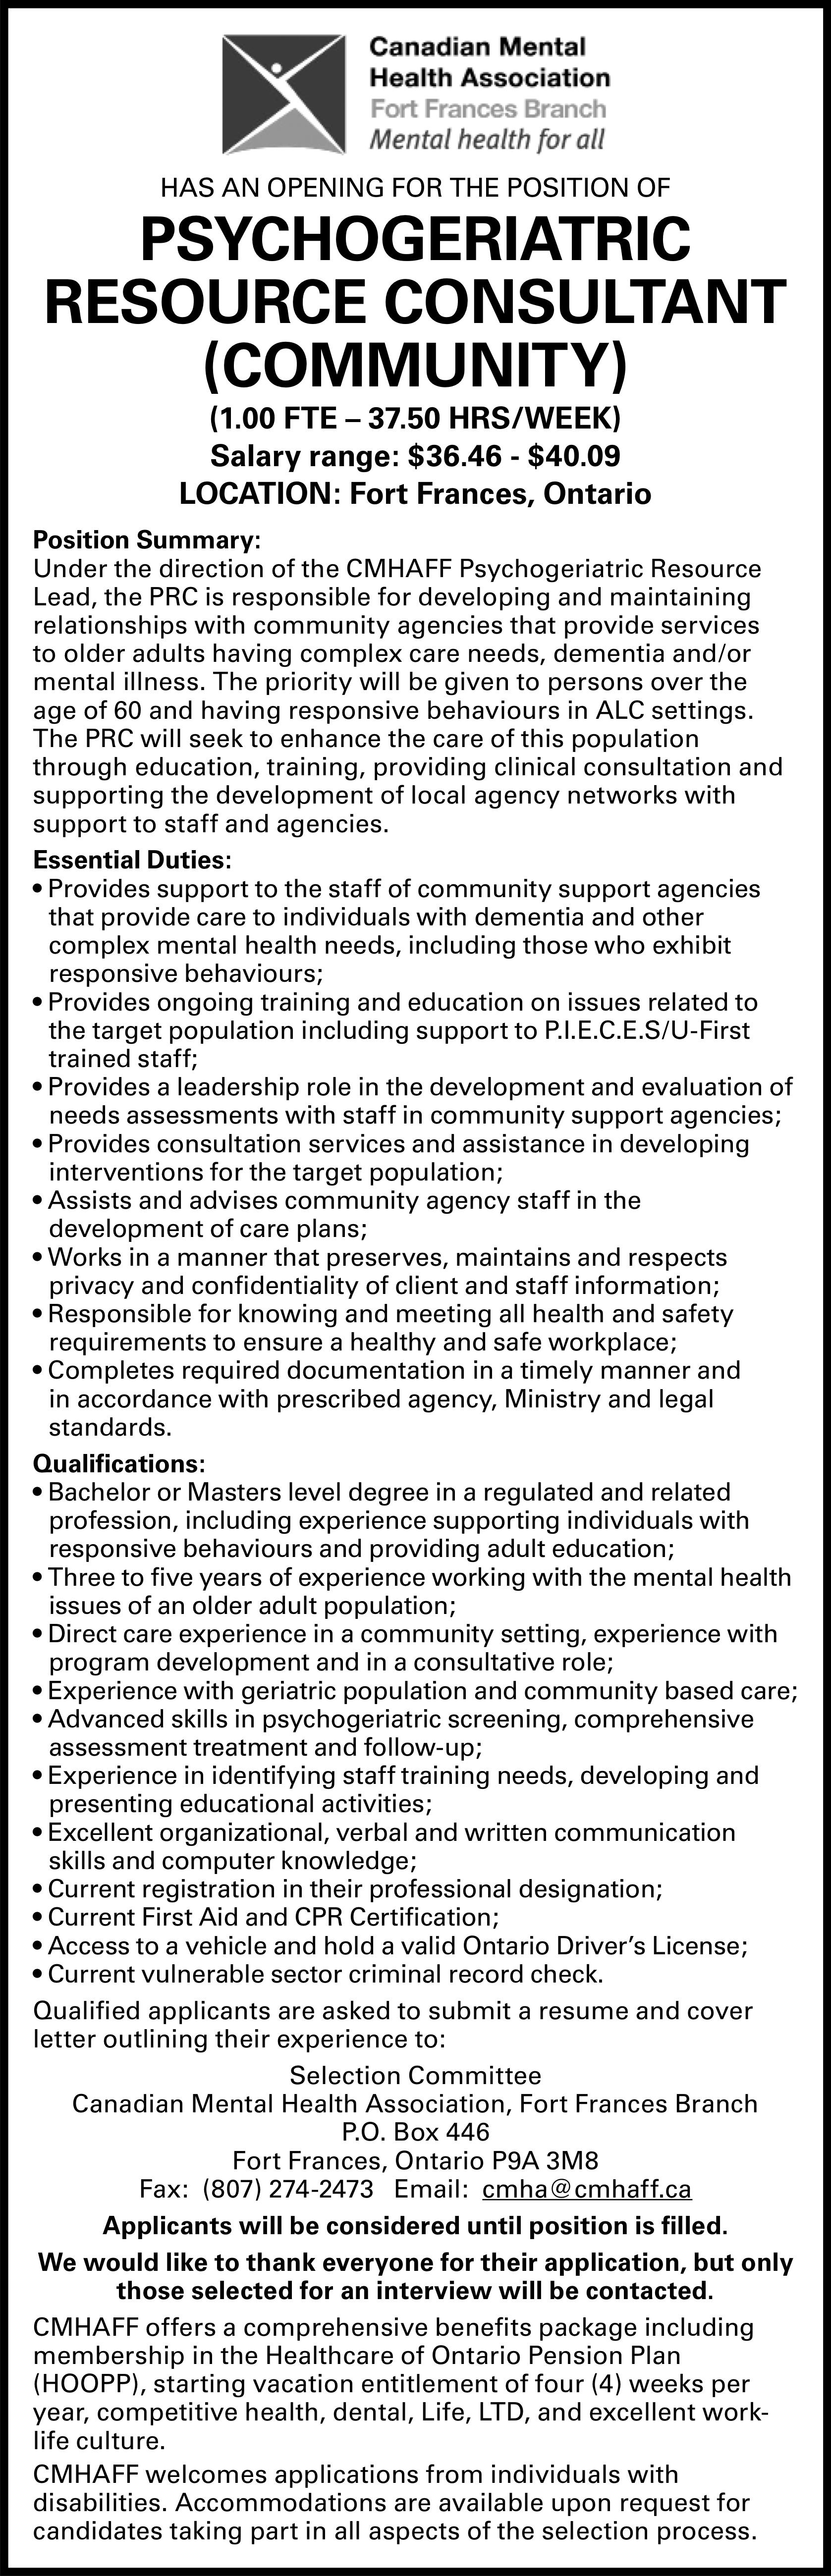 Psychogeriatric Resource Consultant (Community)